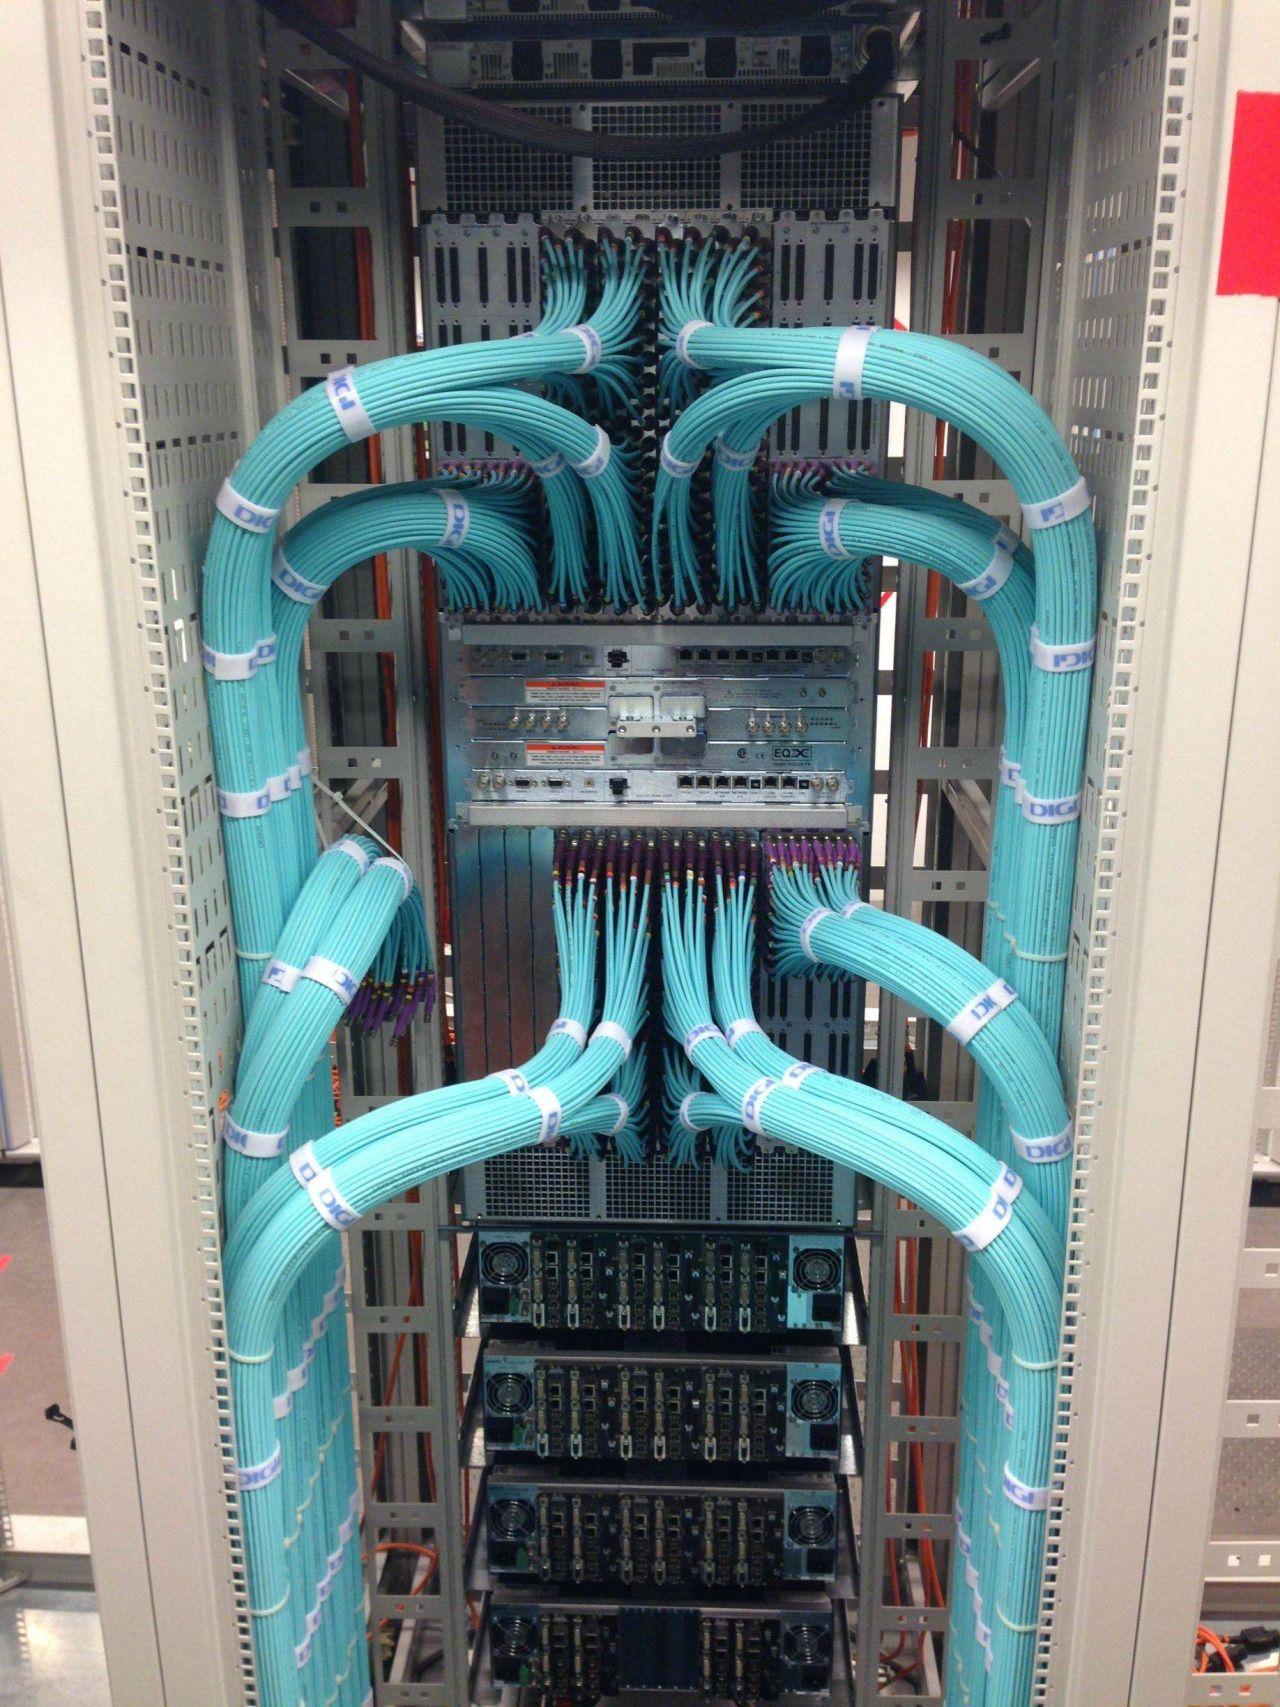 medium resolution of 27 fotos die allen it lern feuchte tr ume machen cable management electrical wiring